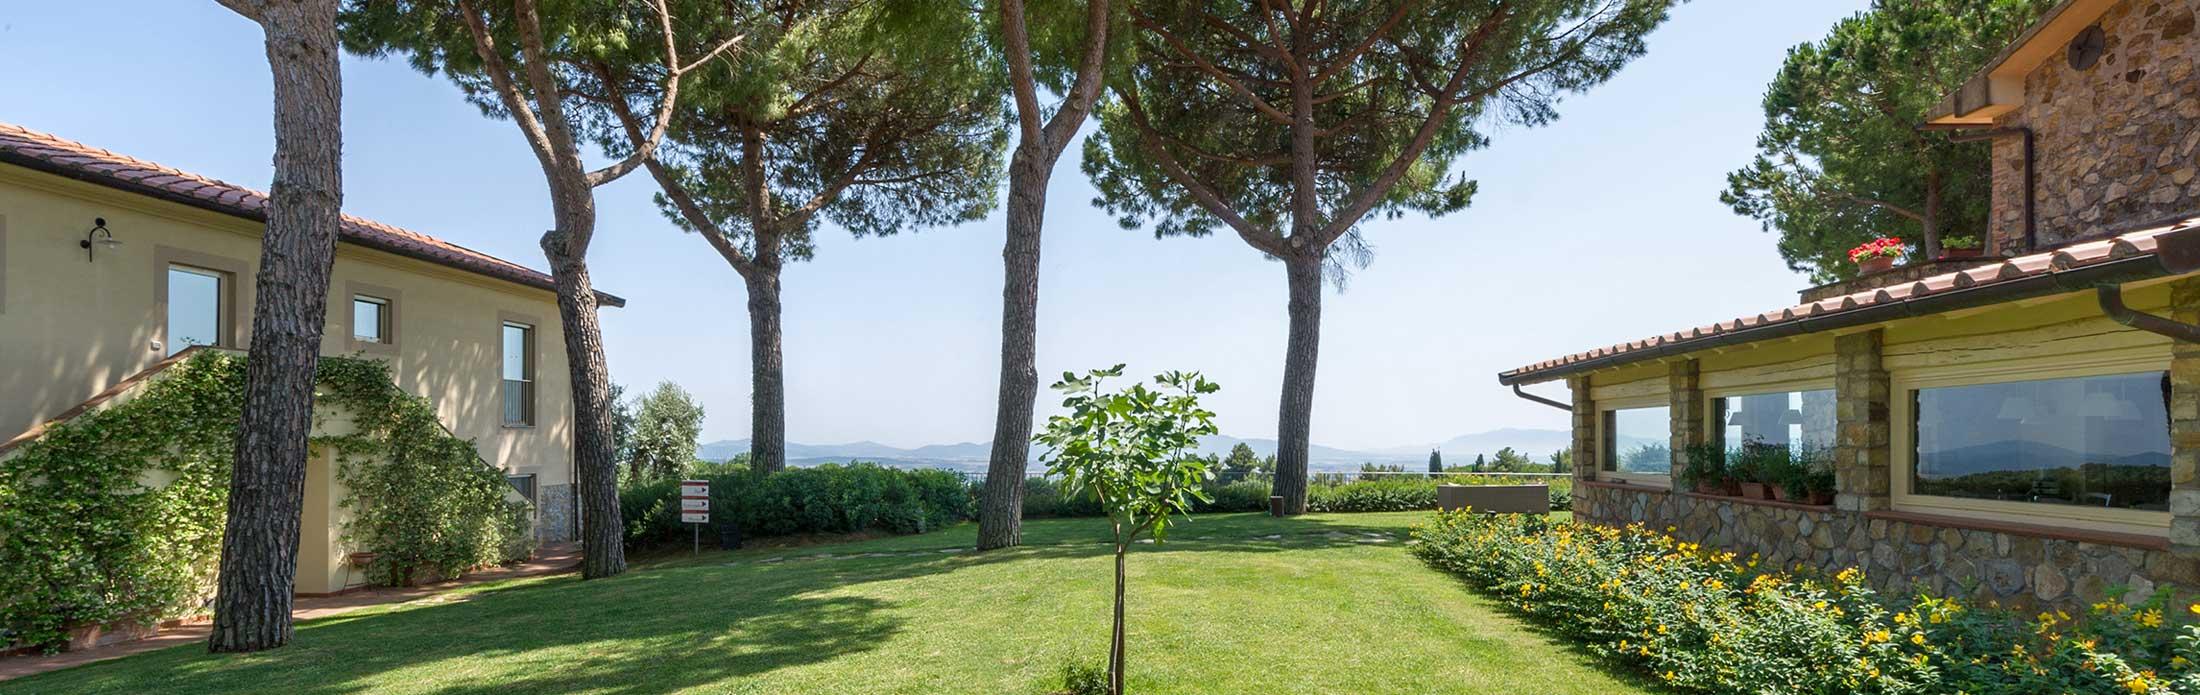 Agriturismo-in-Toscana-Fattoria di Magliano